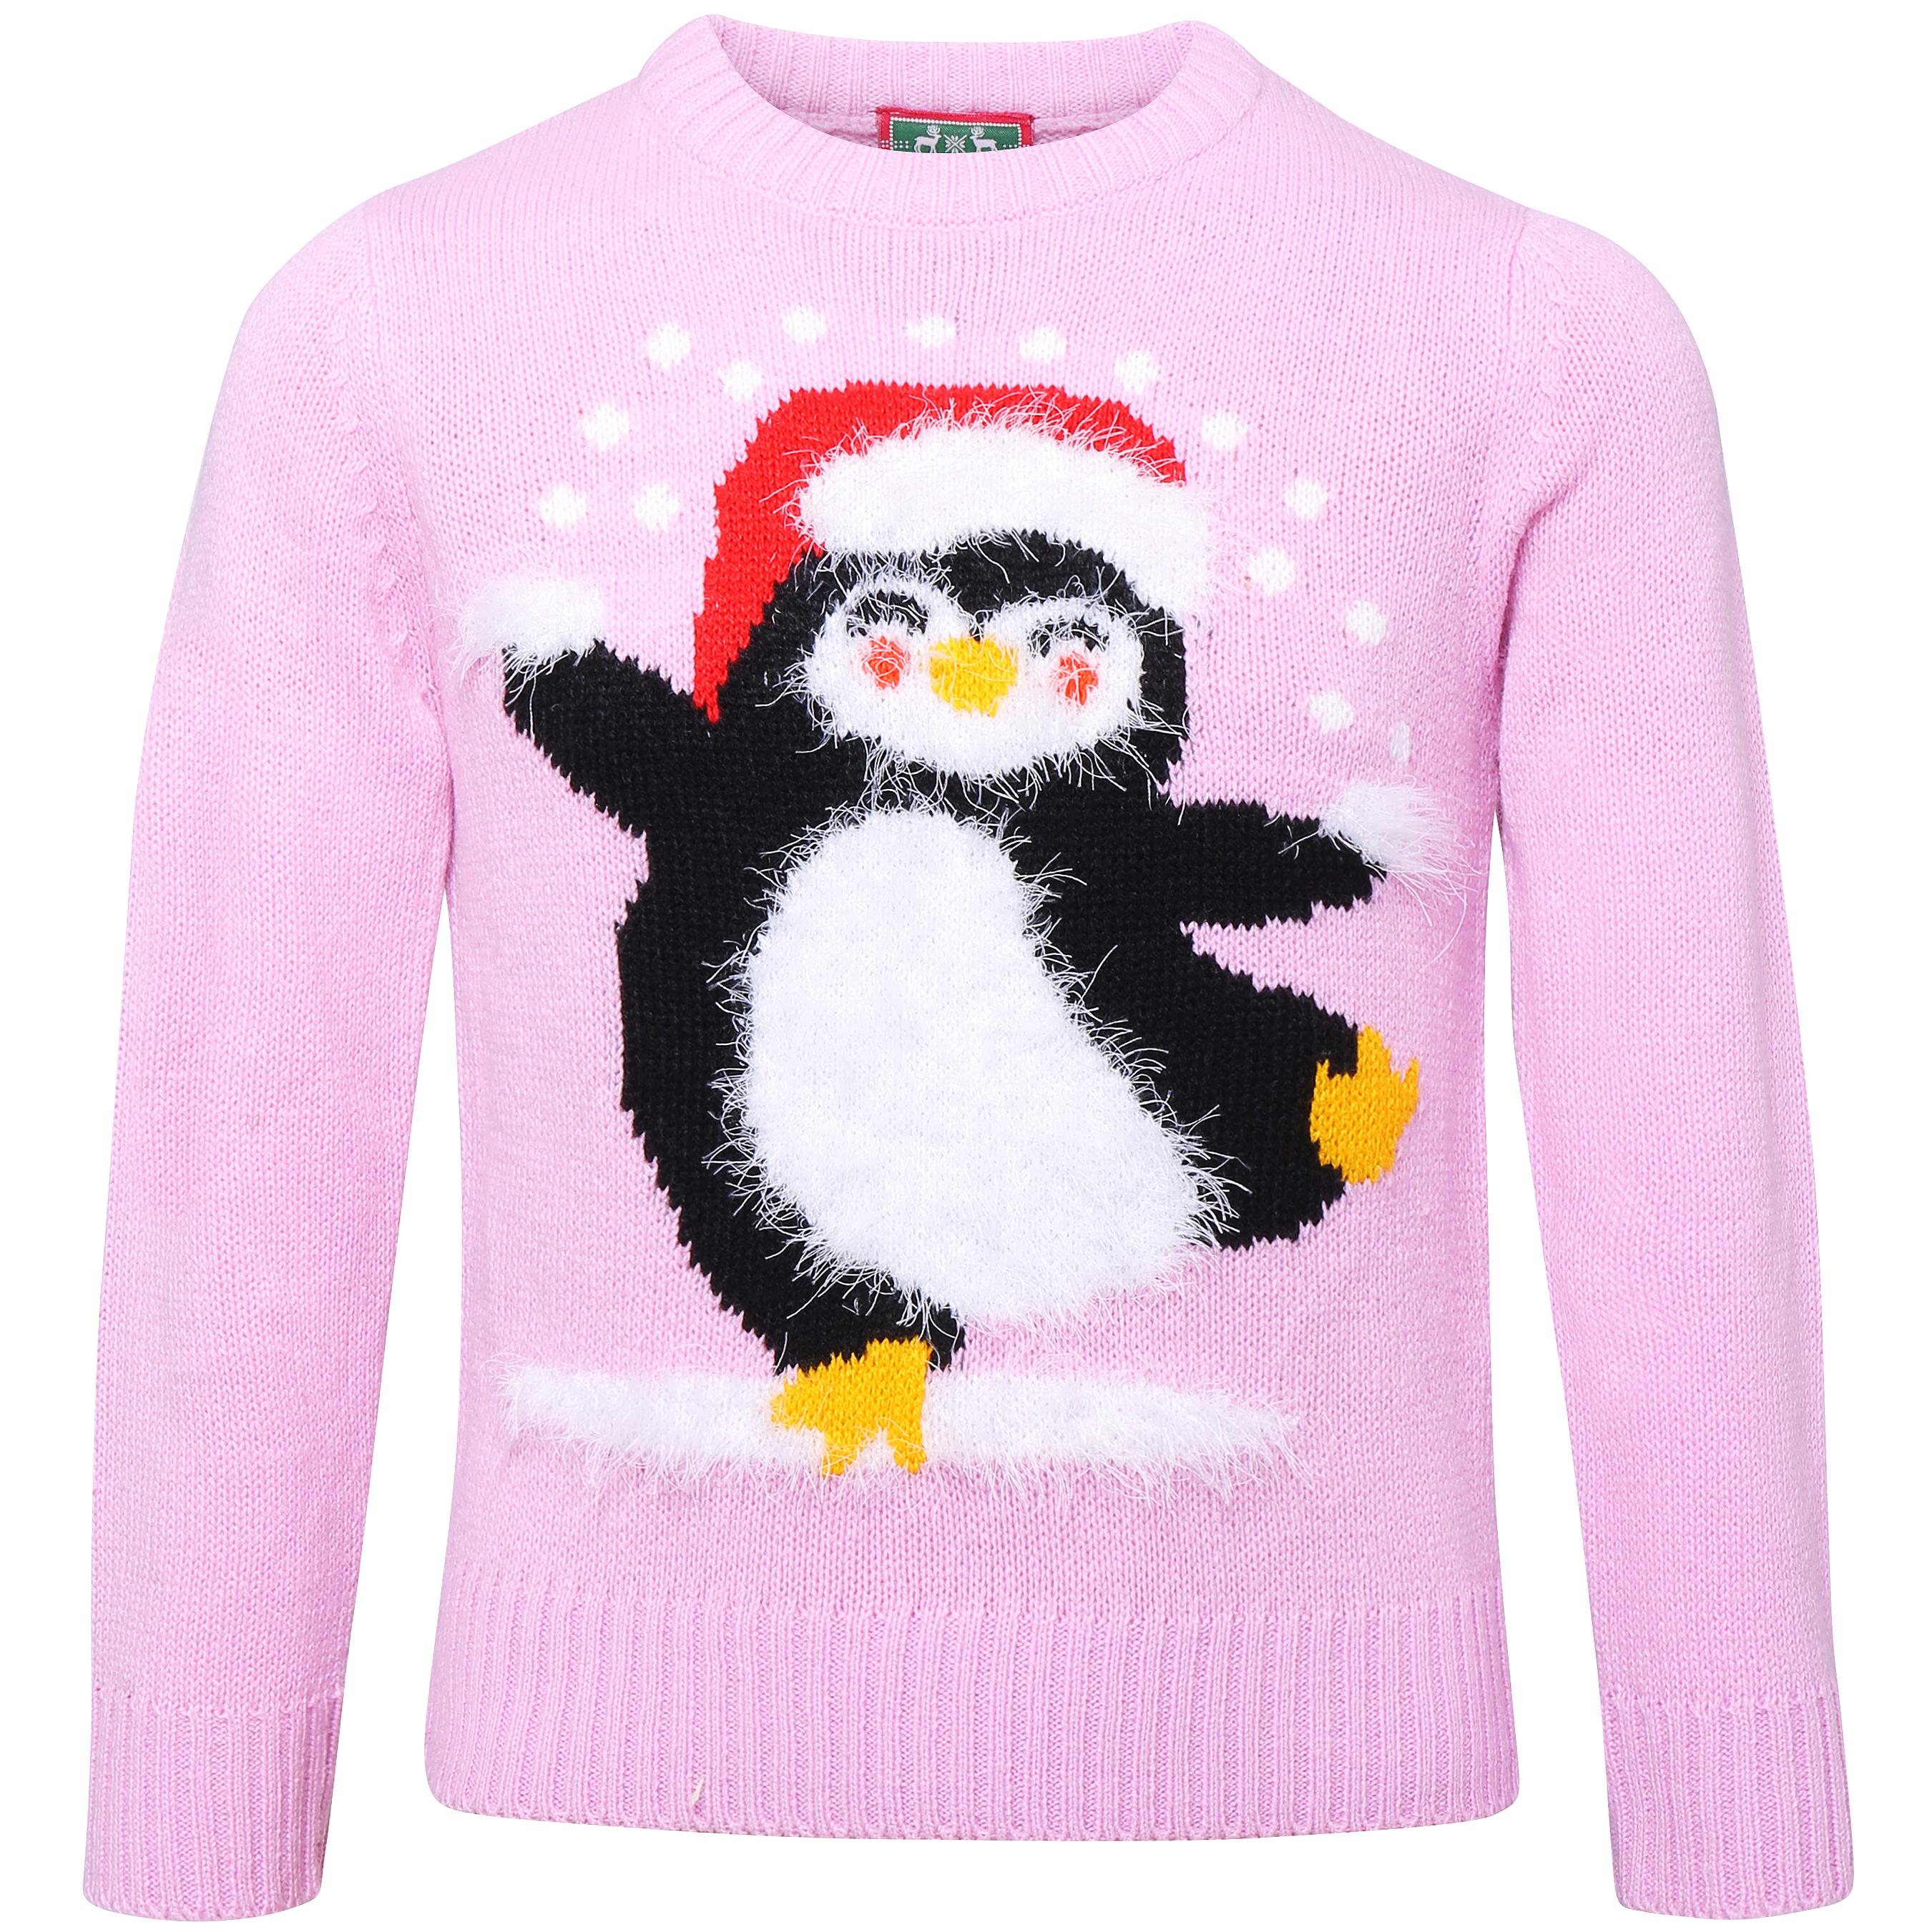 Foute Kersttrui Pinguin.Foute Kersttrui Kinderen Pinguin Super Soft Roze